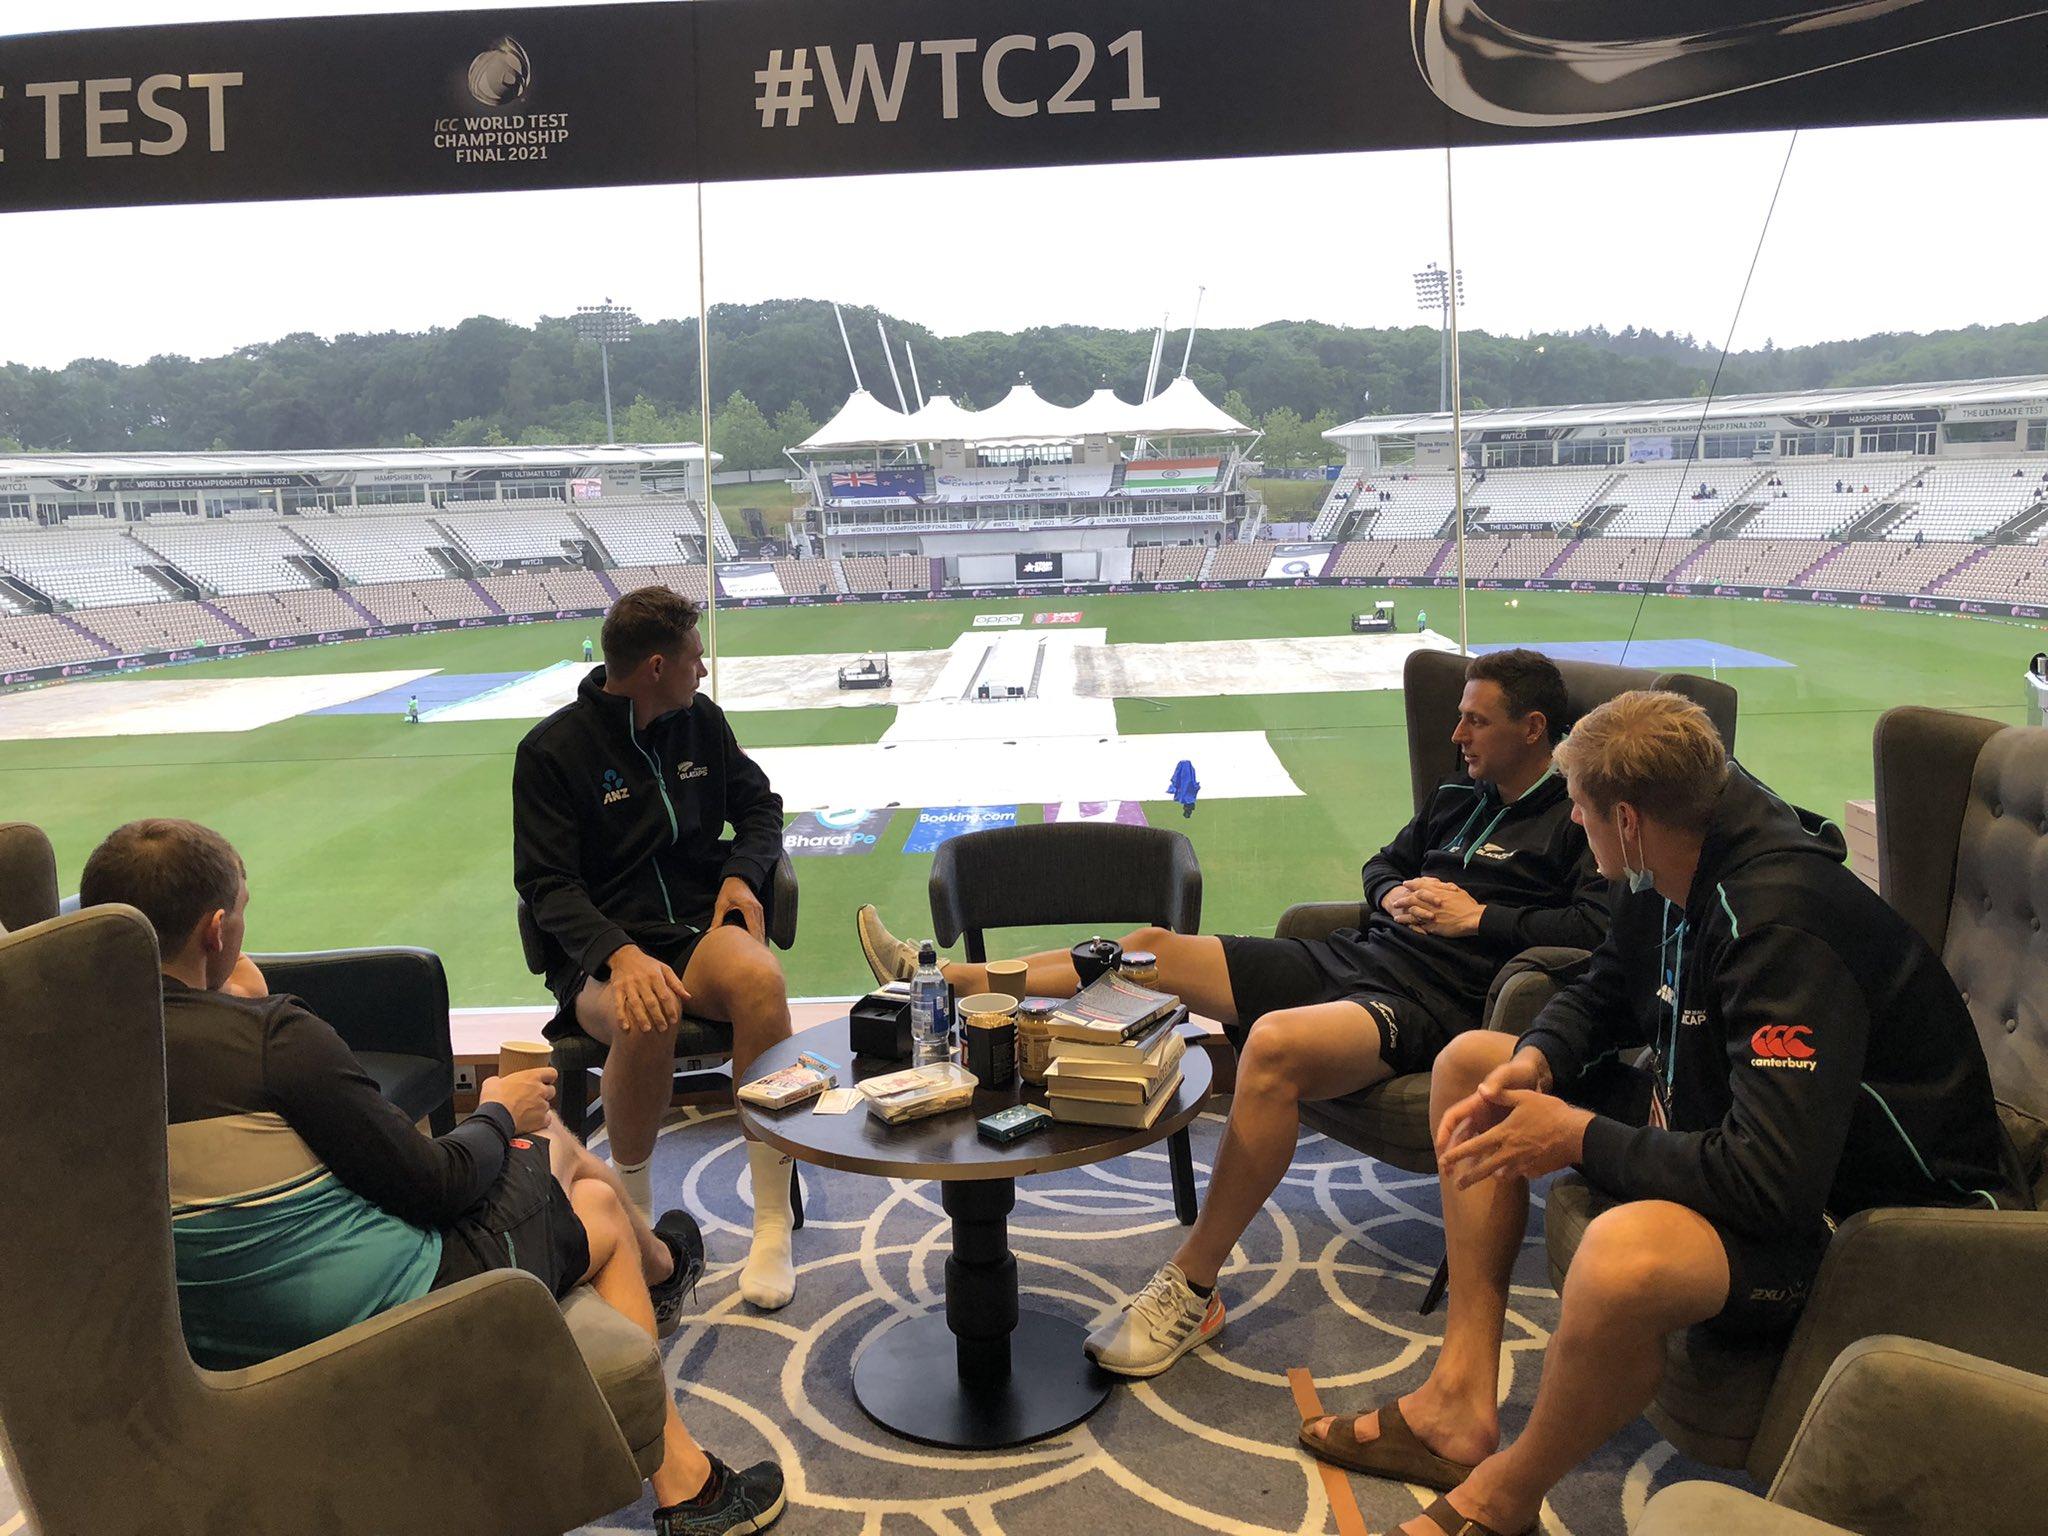 बारिश के दौरान पिच को कवर से ढका गया। ड्रेसिंग रूम में बैठे न्यूजीलैंड के खिलाड़ी।